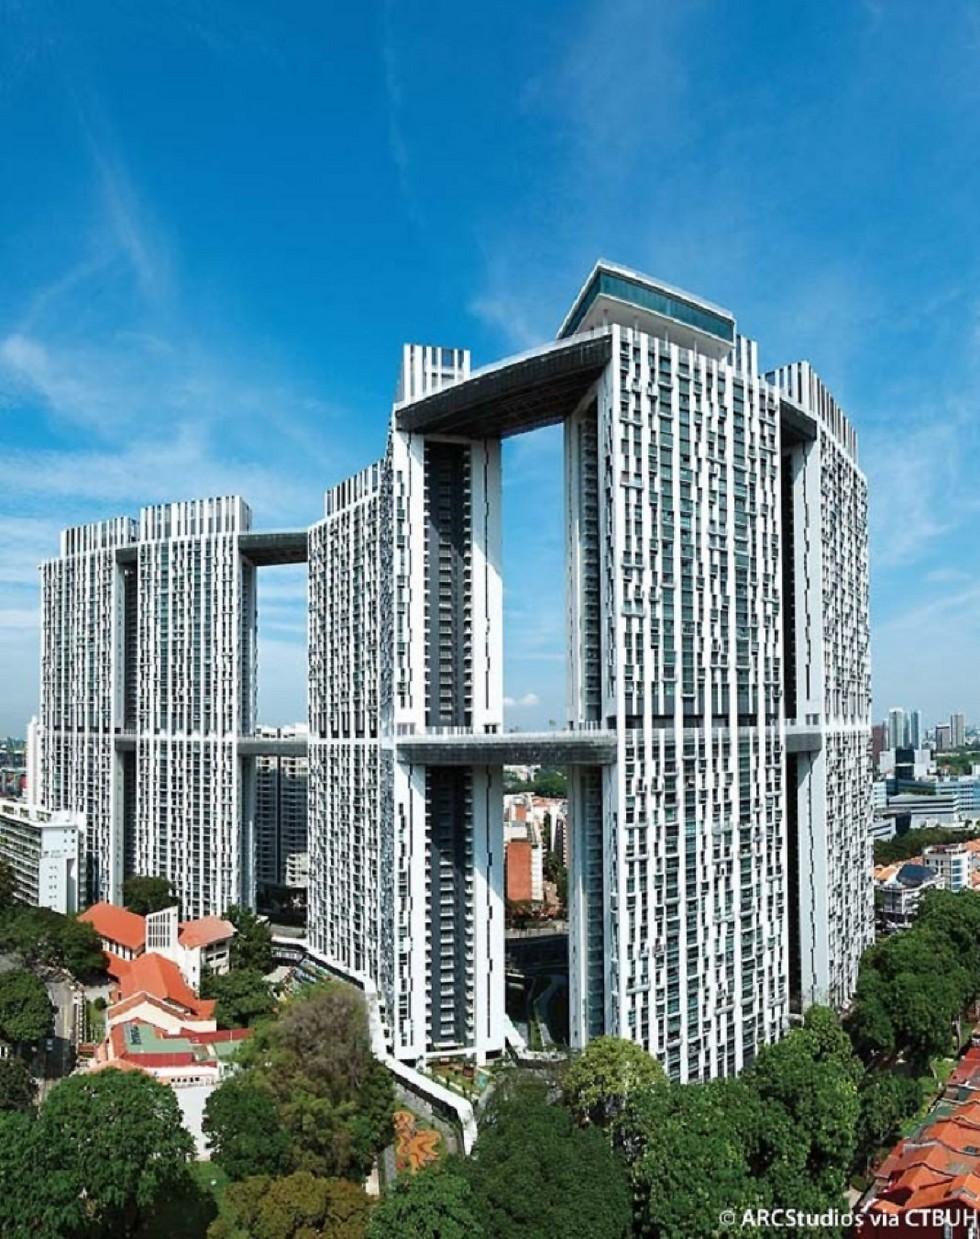 הפרויקט בסינגפור. מתחם דיירים ענק (צילום: CTBUH-ISRAEL) (צילום: CTBUH-ISRAEL)